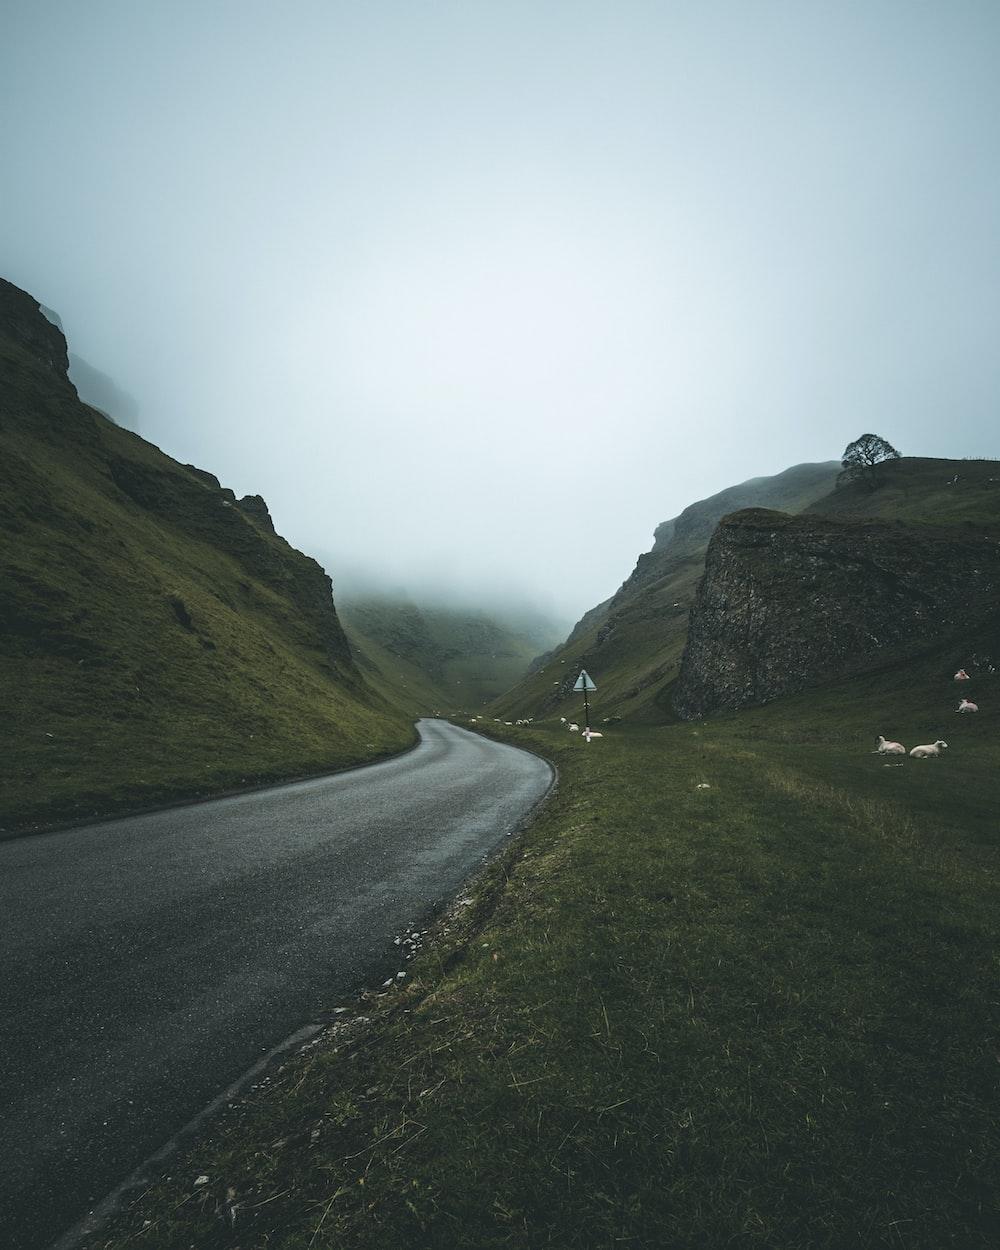 gray asphalt road across foggy mountain